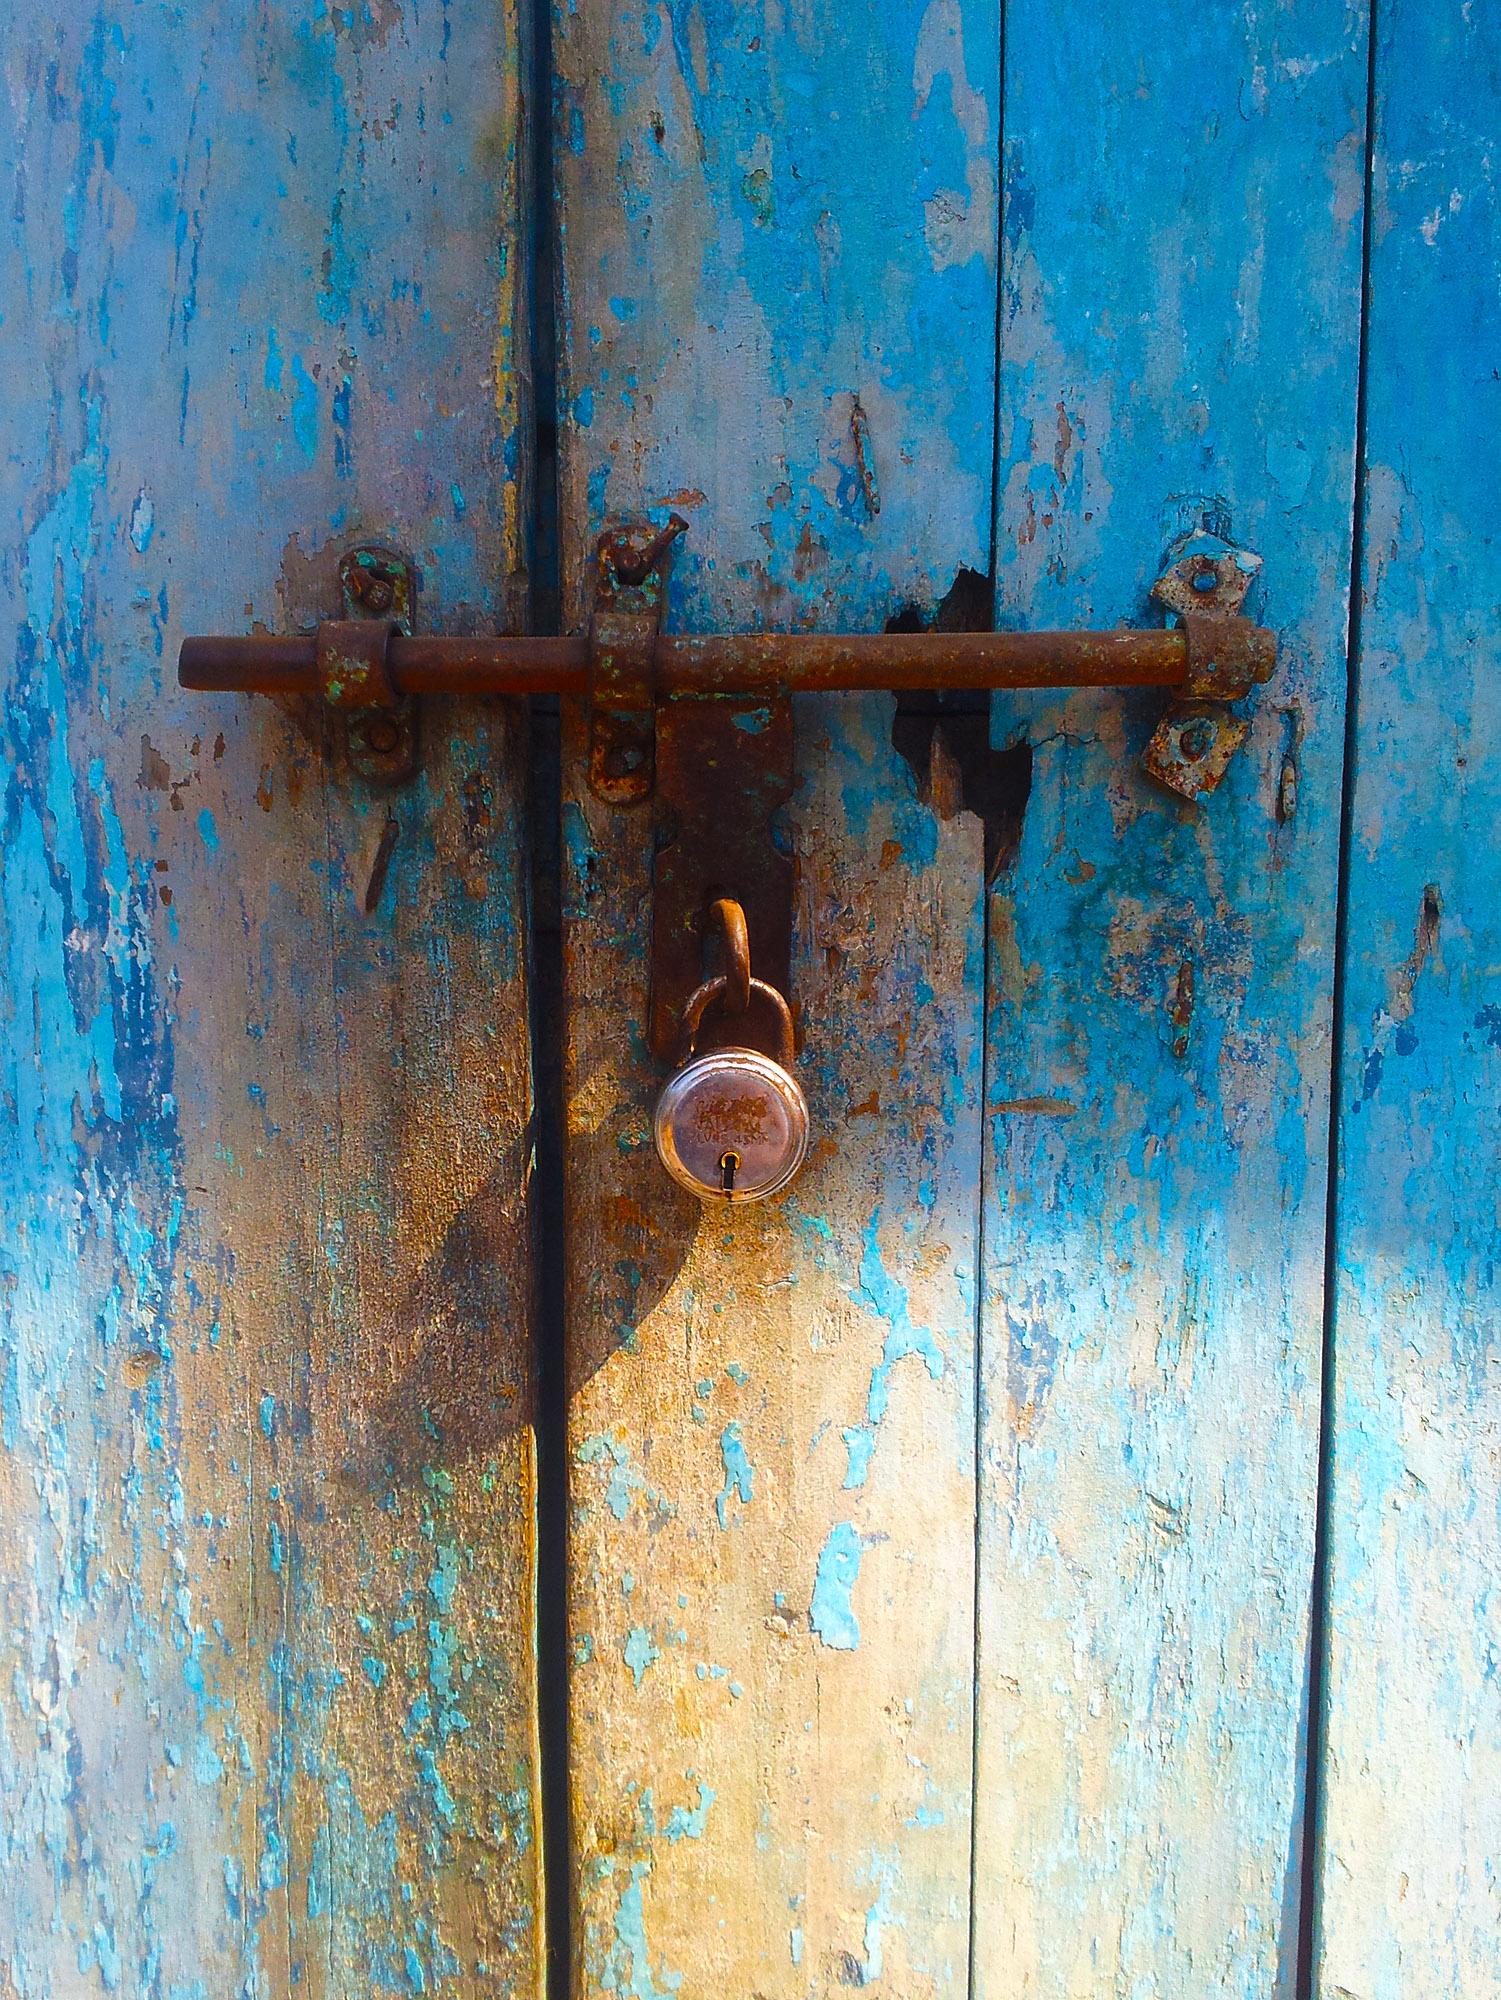 Shot taken of a locked room.